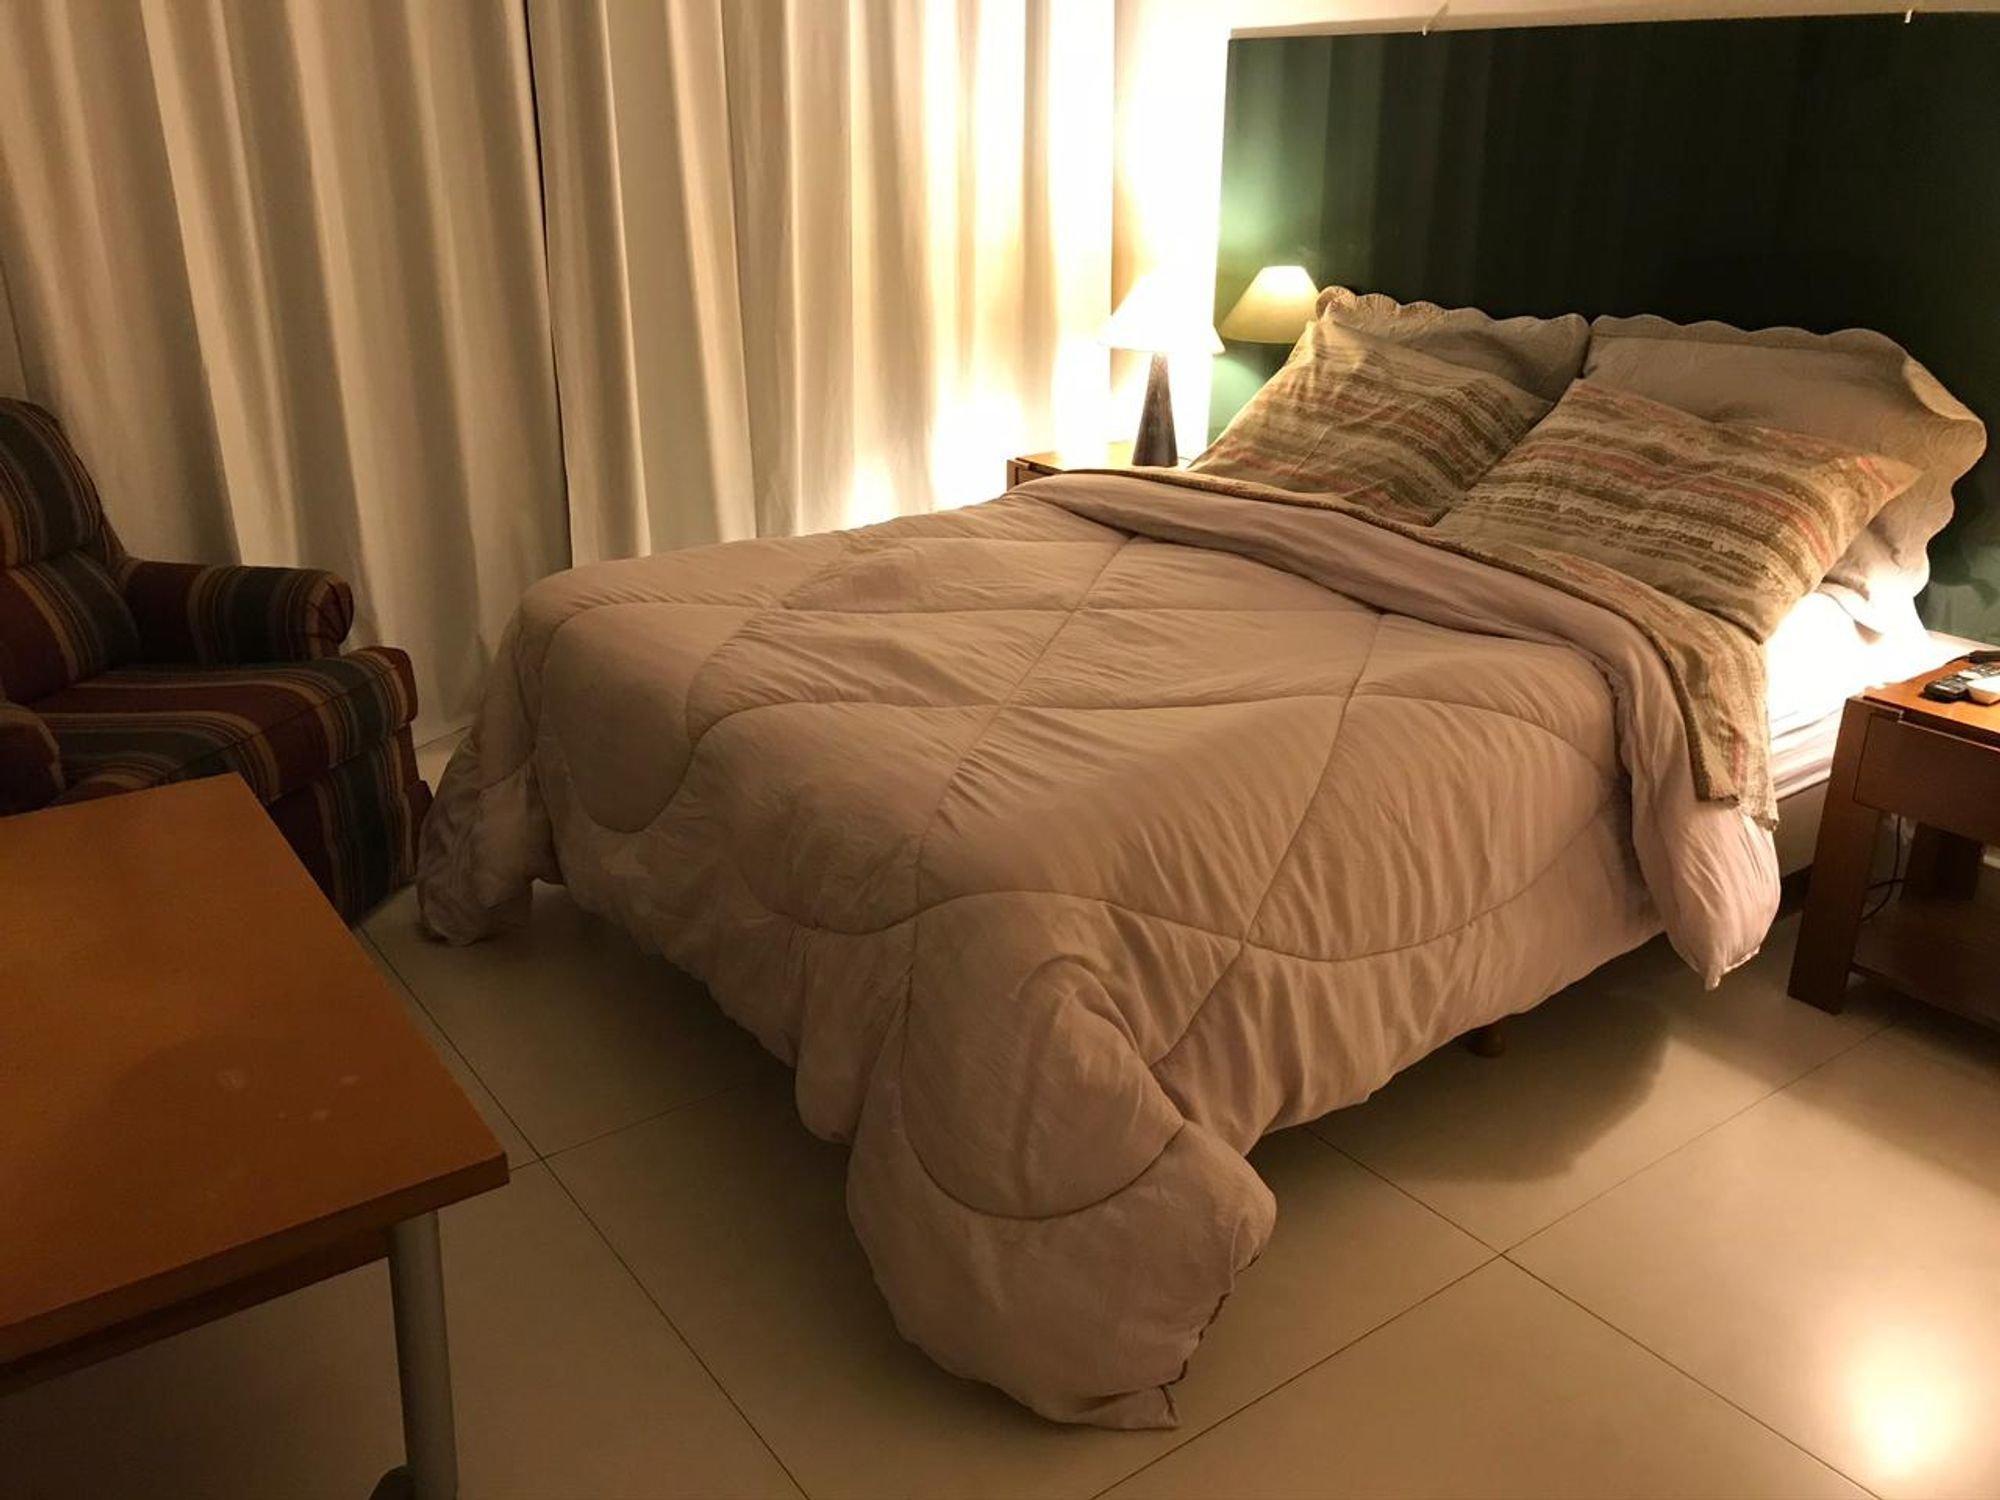 Foto de Quarto com cama, cadeira, mesa de jantar